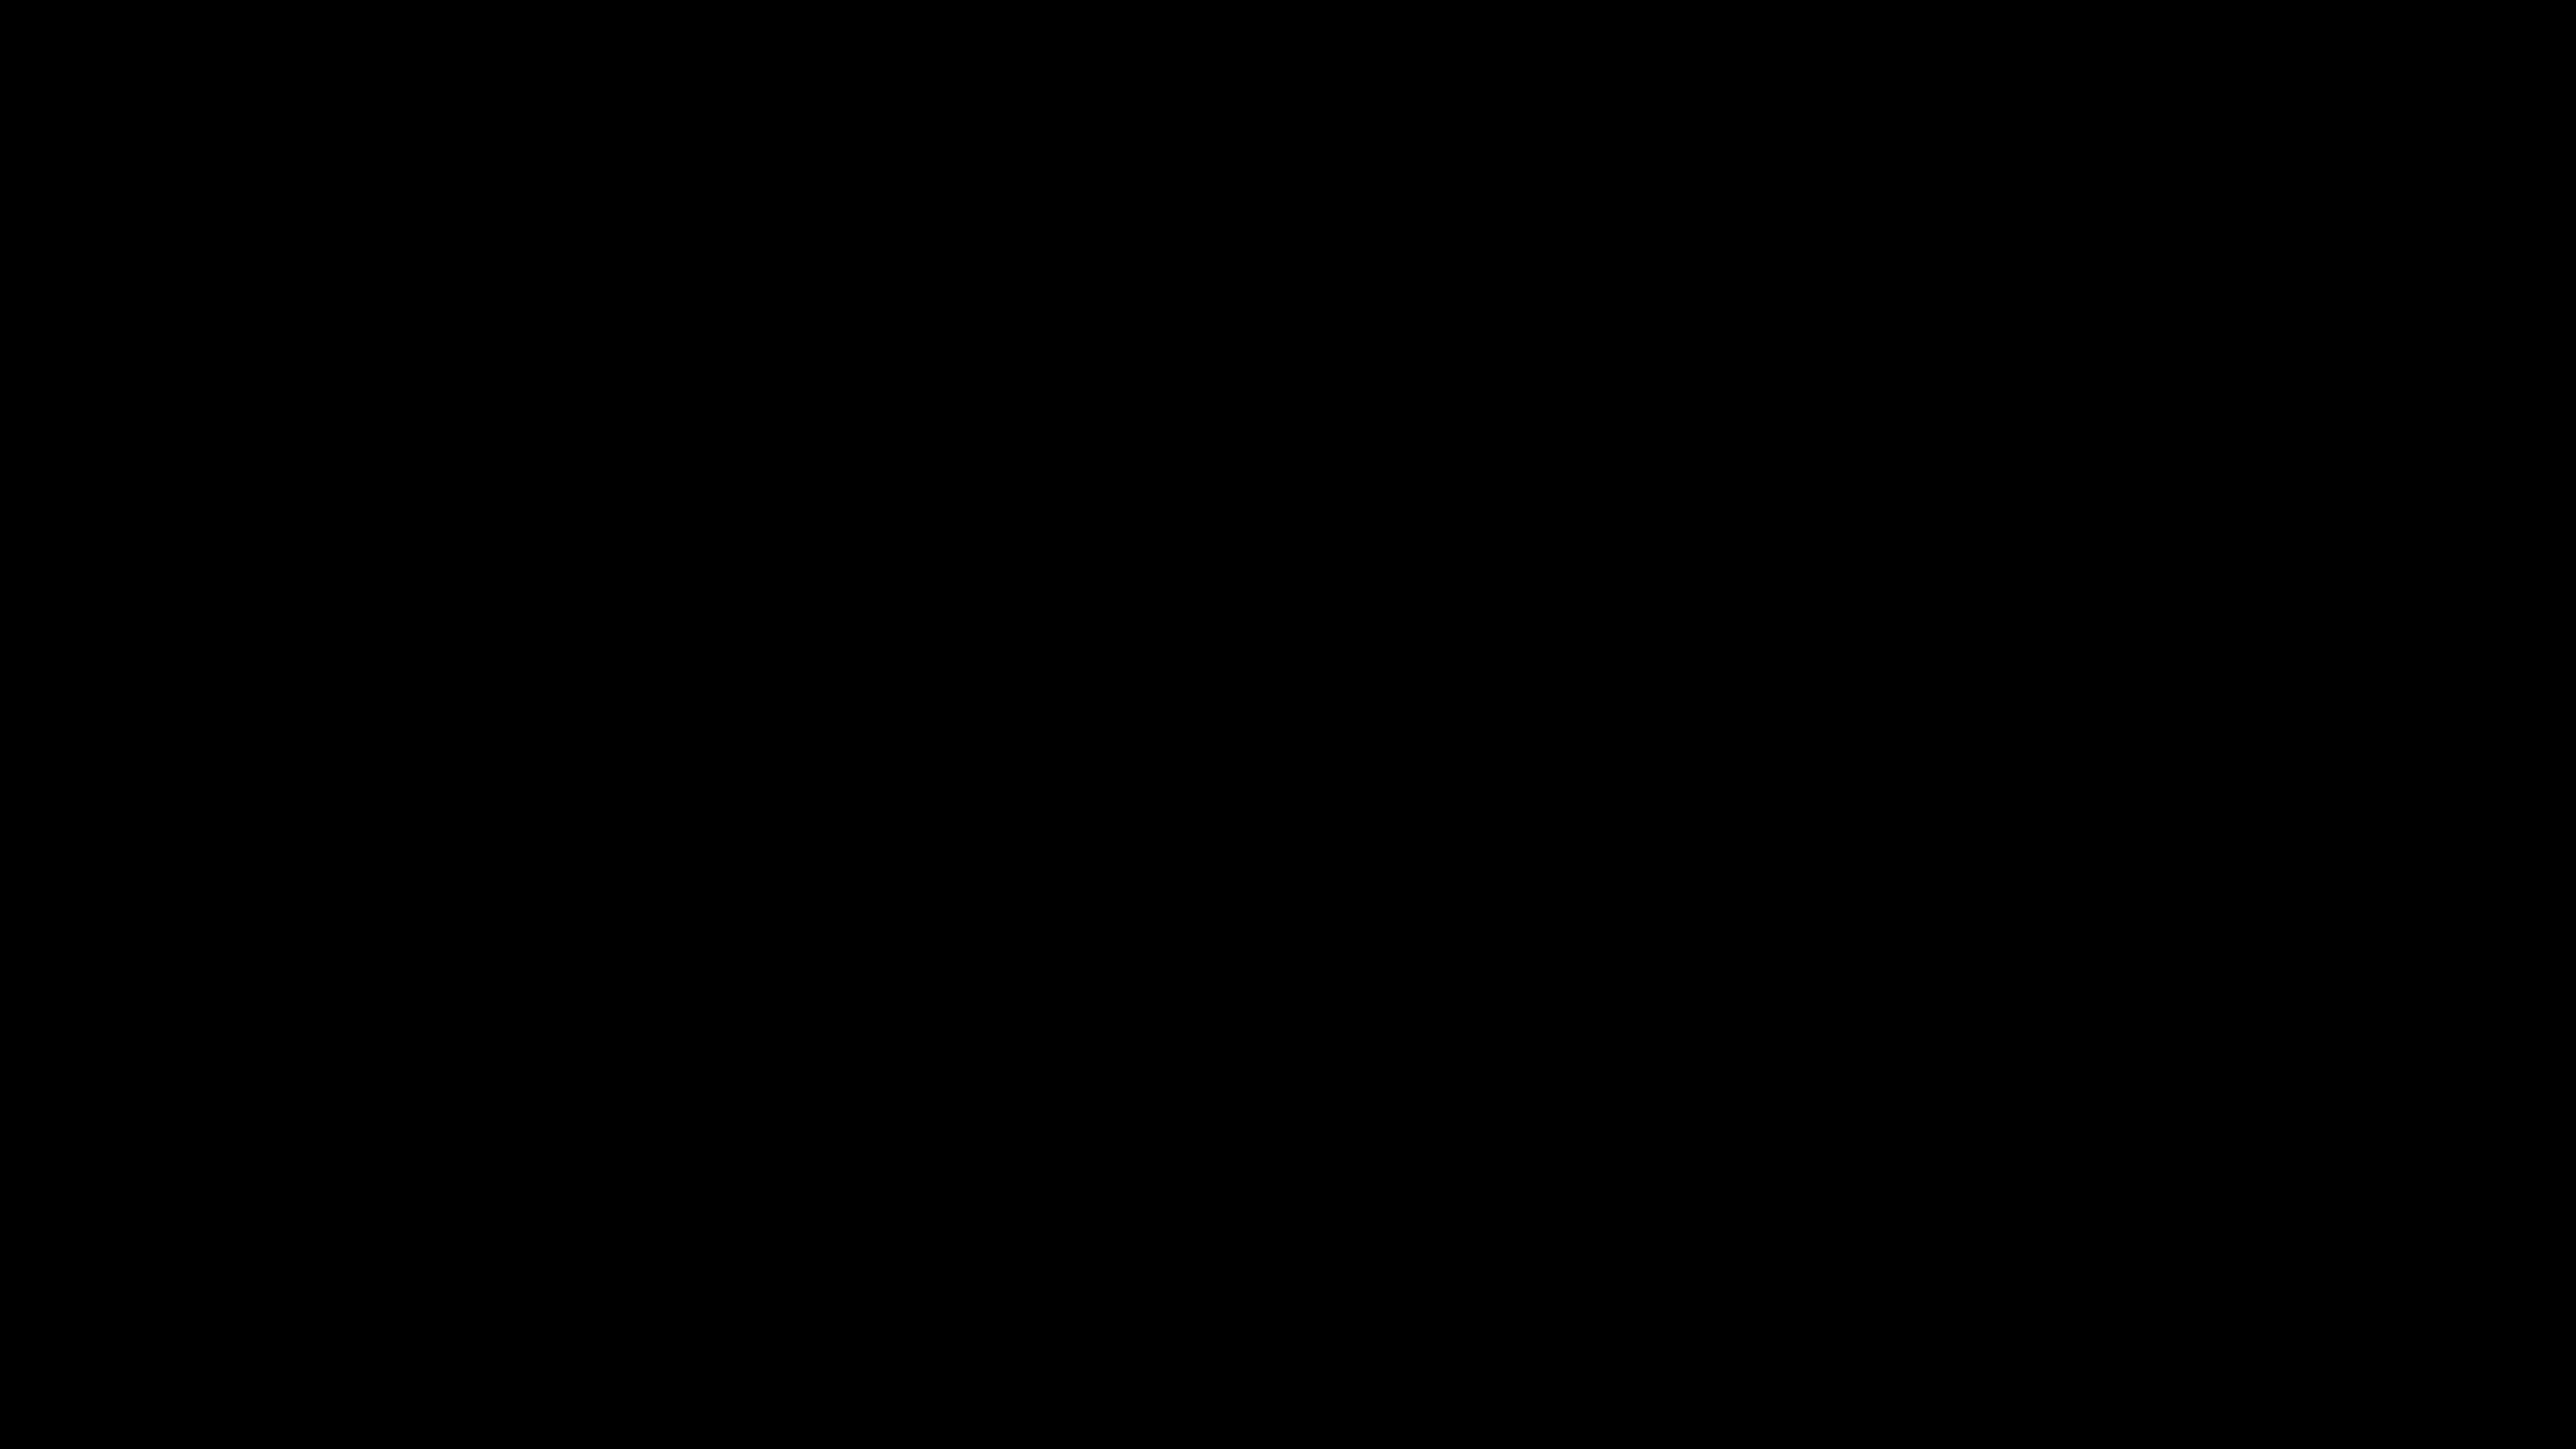 Série Max Histórias